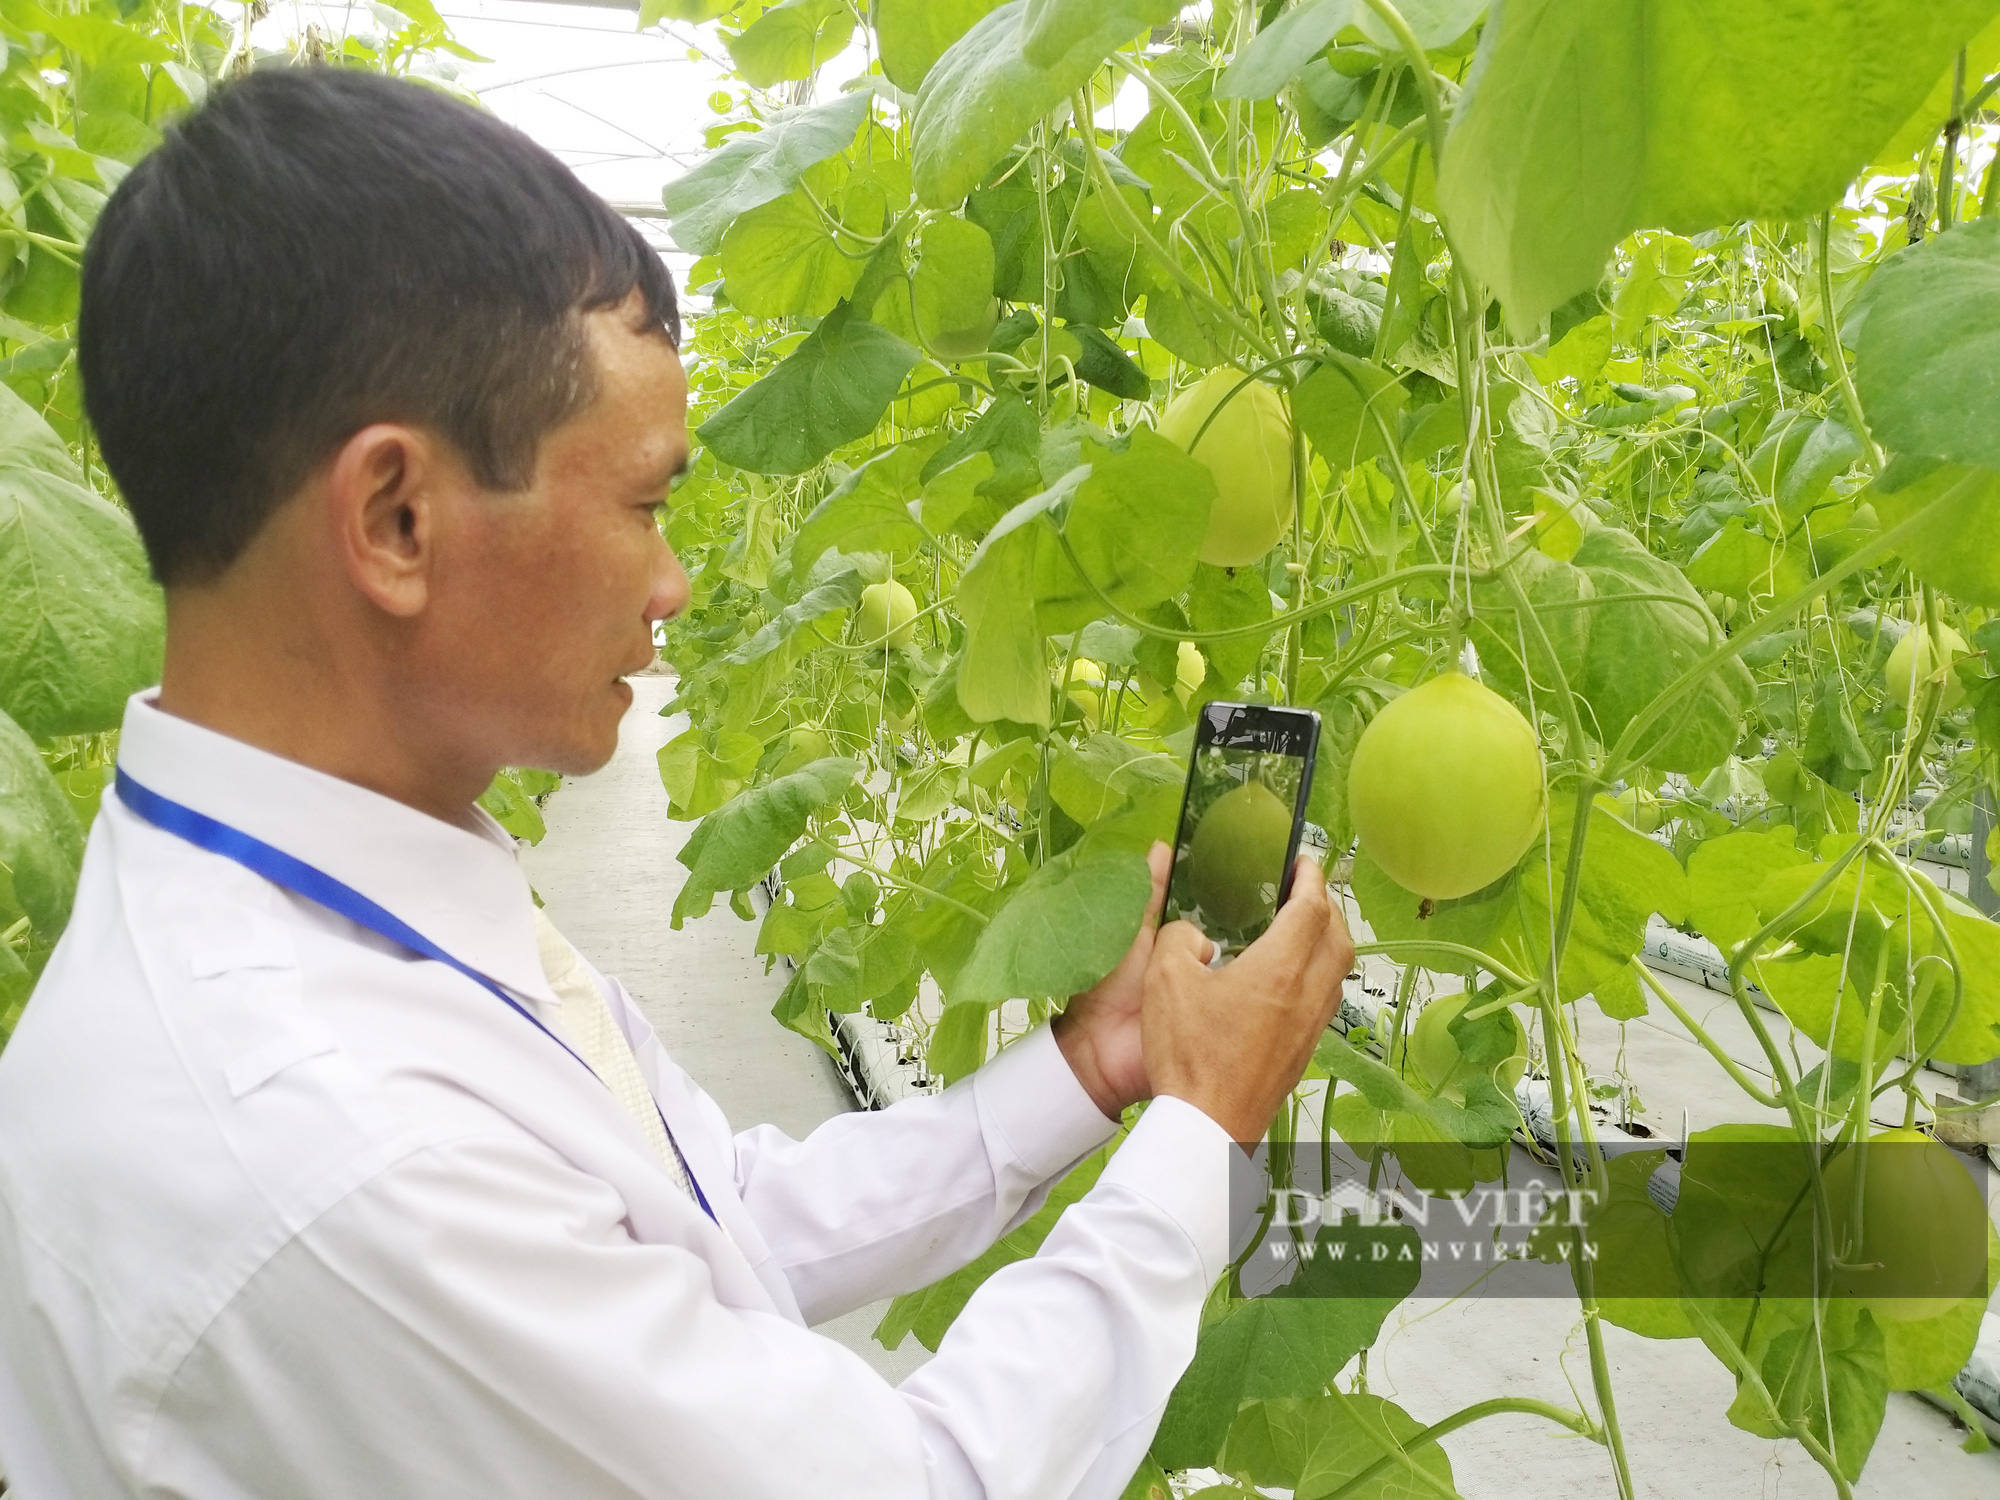 """Nông dân xuất sắc đã mắt ngắm hệ thống điều hòa khí hậu """"khổng lồ"""" để chăm sóc rau của VinEco - Ảnh 2."""